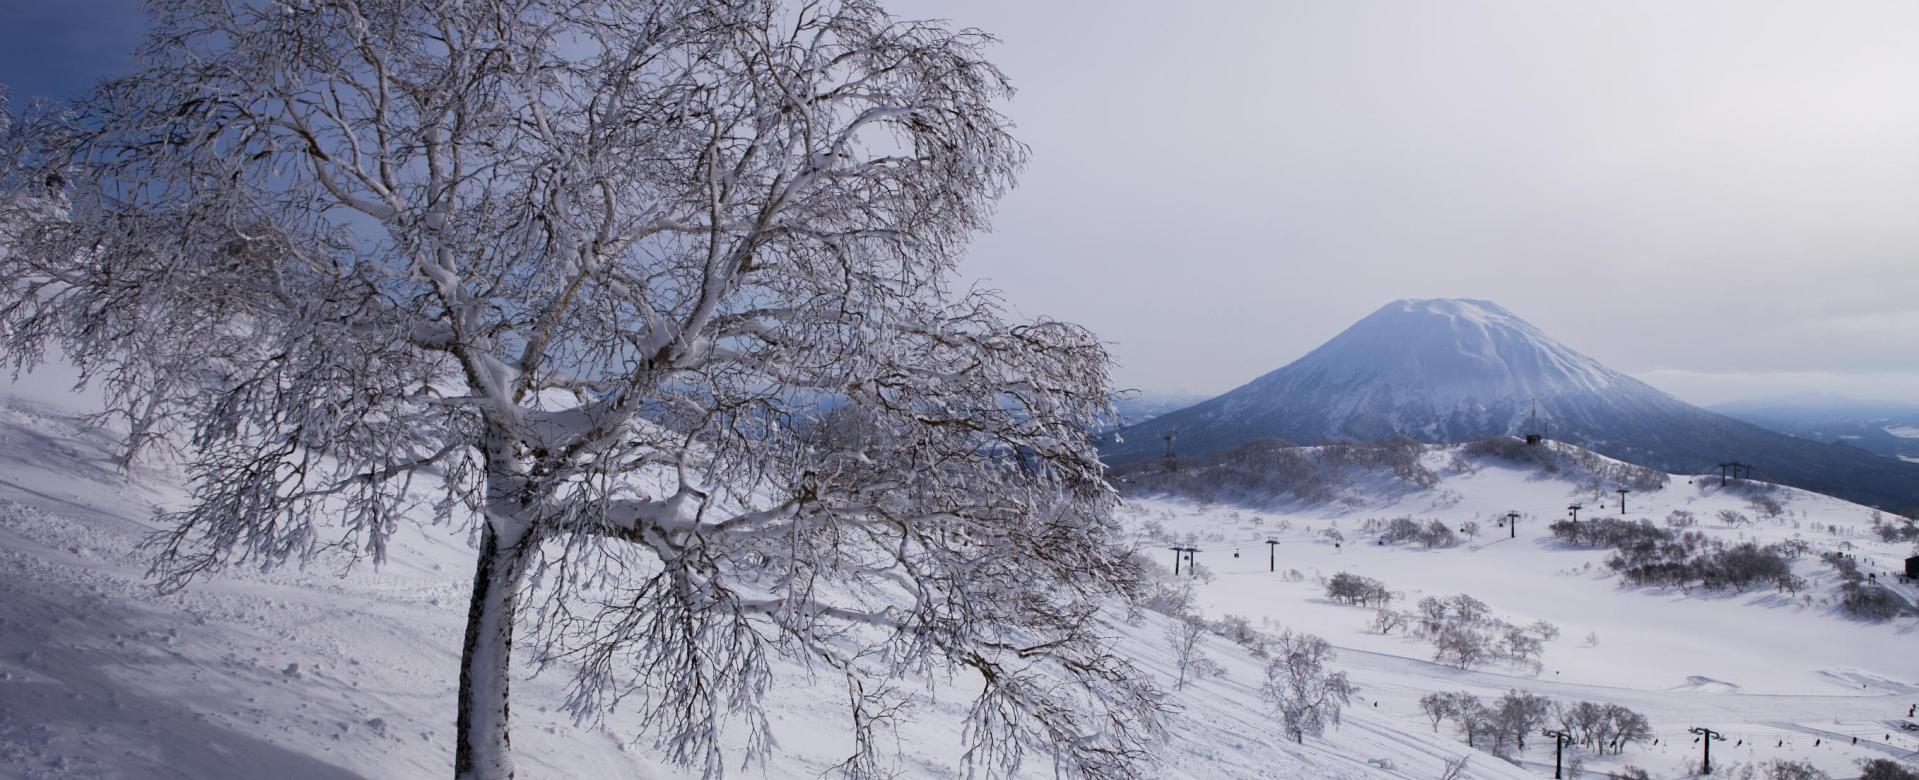 Voyage à pied Japon : La poudreuse légendaire d'hokkaido